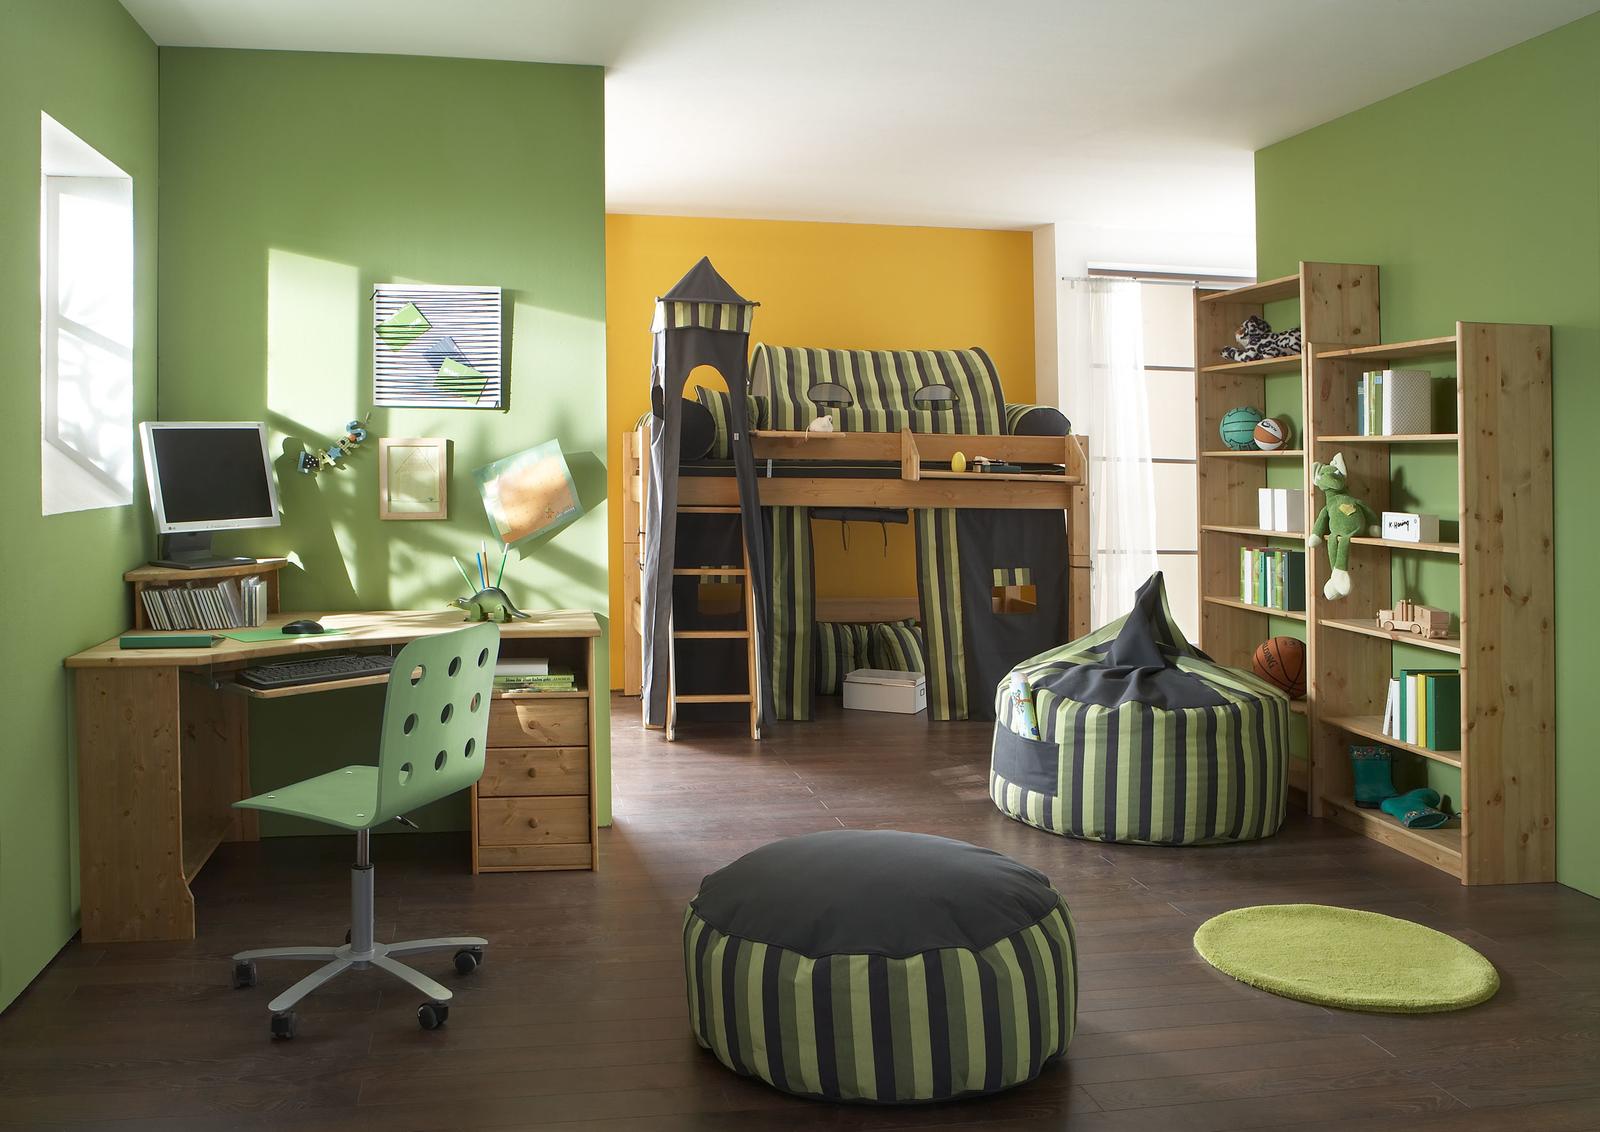 Full Size of Kinderzimmer Komplett Günstig Küche Kaufen Günstige Schlafzimmer Regal Nach Maß Set Big Sofa Komplettangebote Bett Chesterfield Günstiges Guenstig Fenster Kinderzimmer Kinderzimmer Komplett Günstig